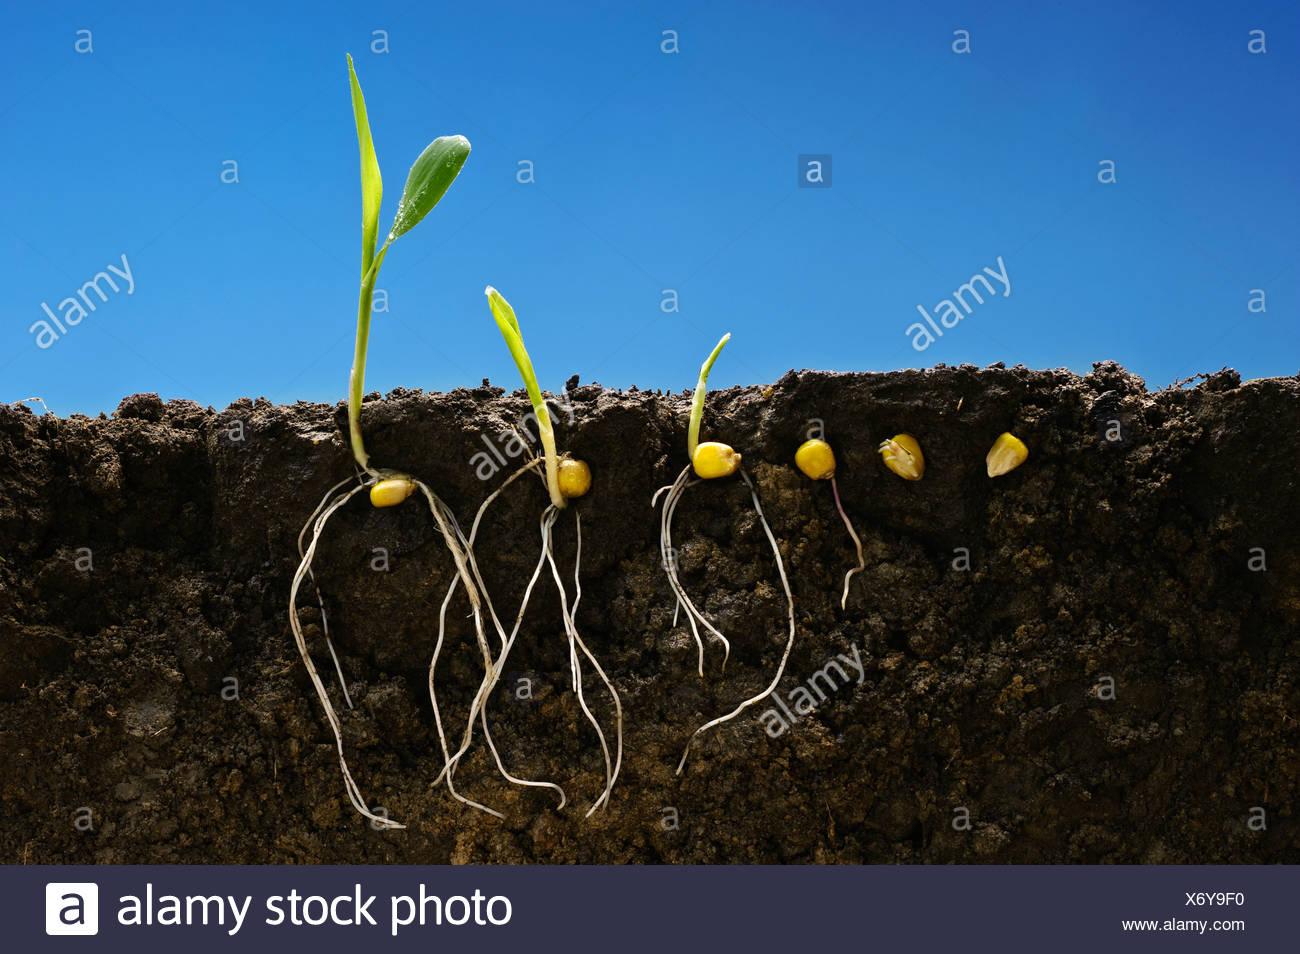 Mais granella di crescita precoce delle fasi di sviluppo che mostra i sistemi di radice; da sinistra a destra: sei fasi dalla fase di sementi a due-stadio di foglia. Immagini Stock